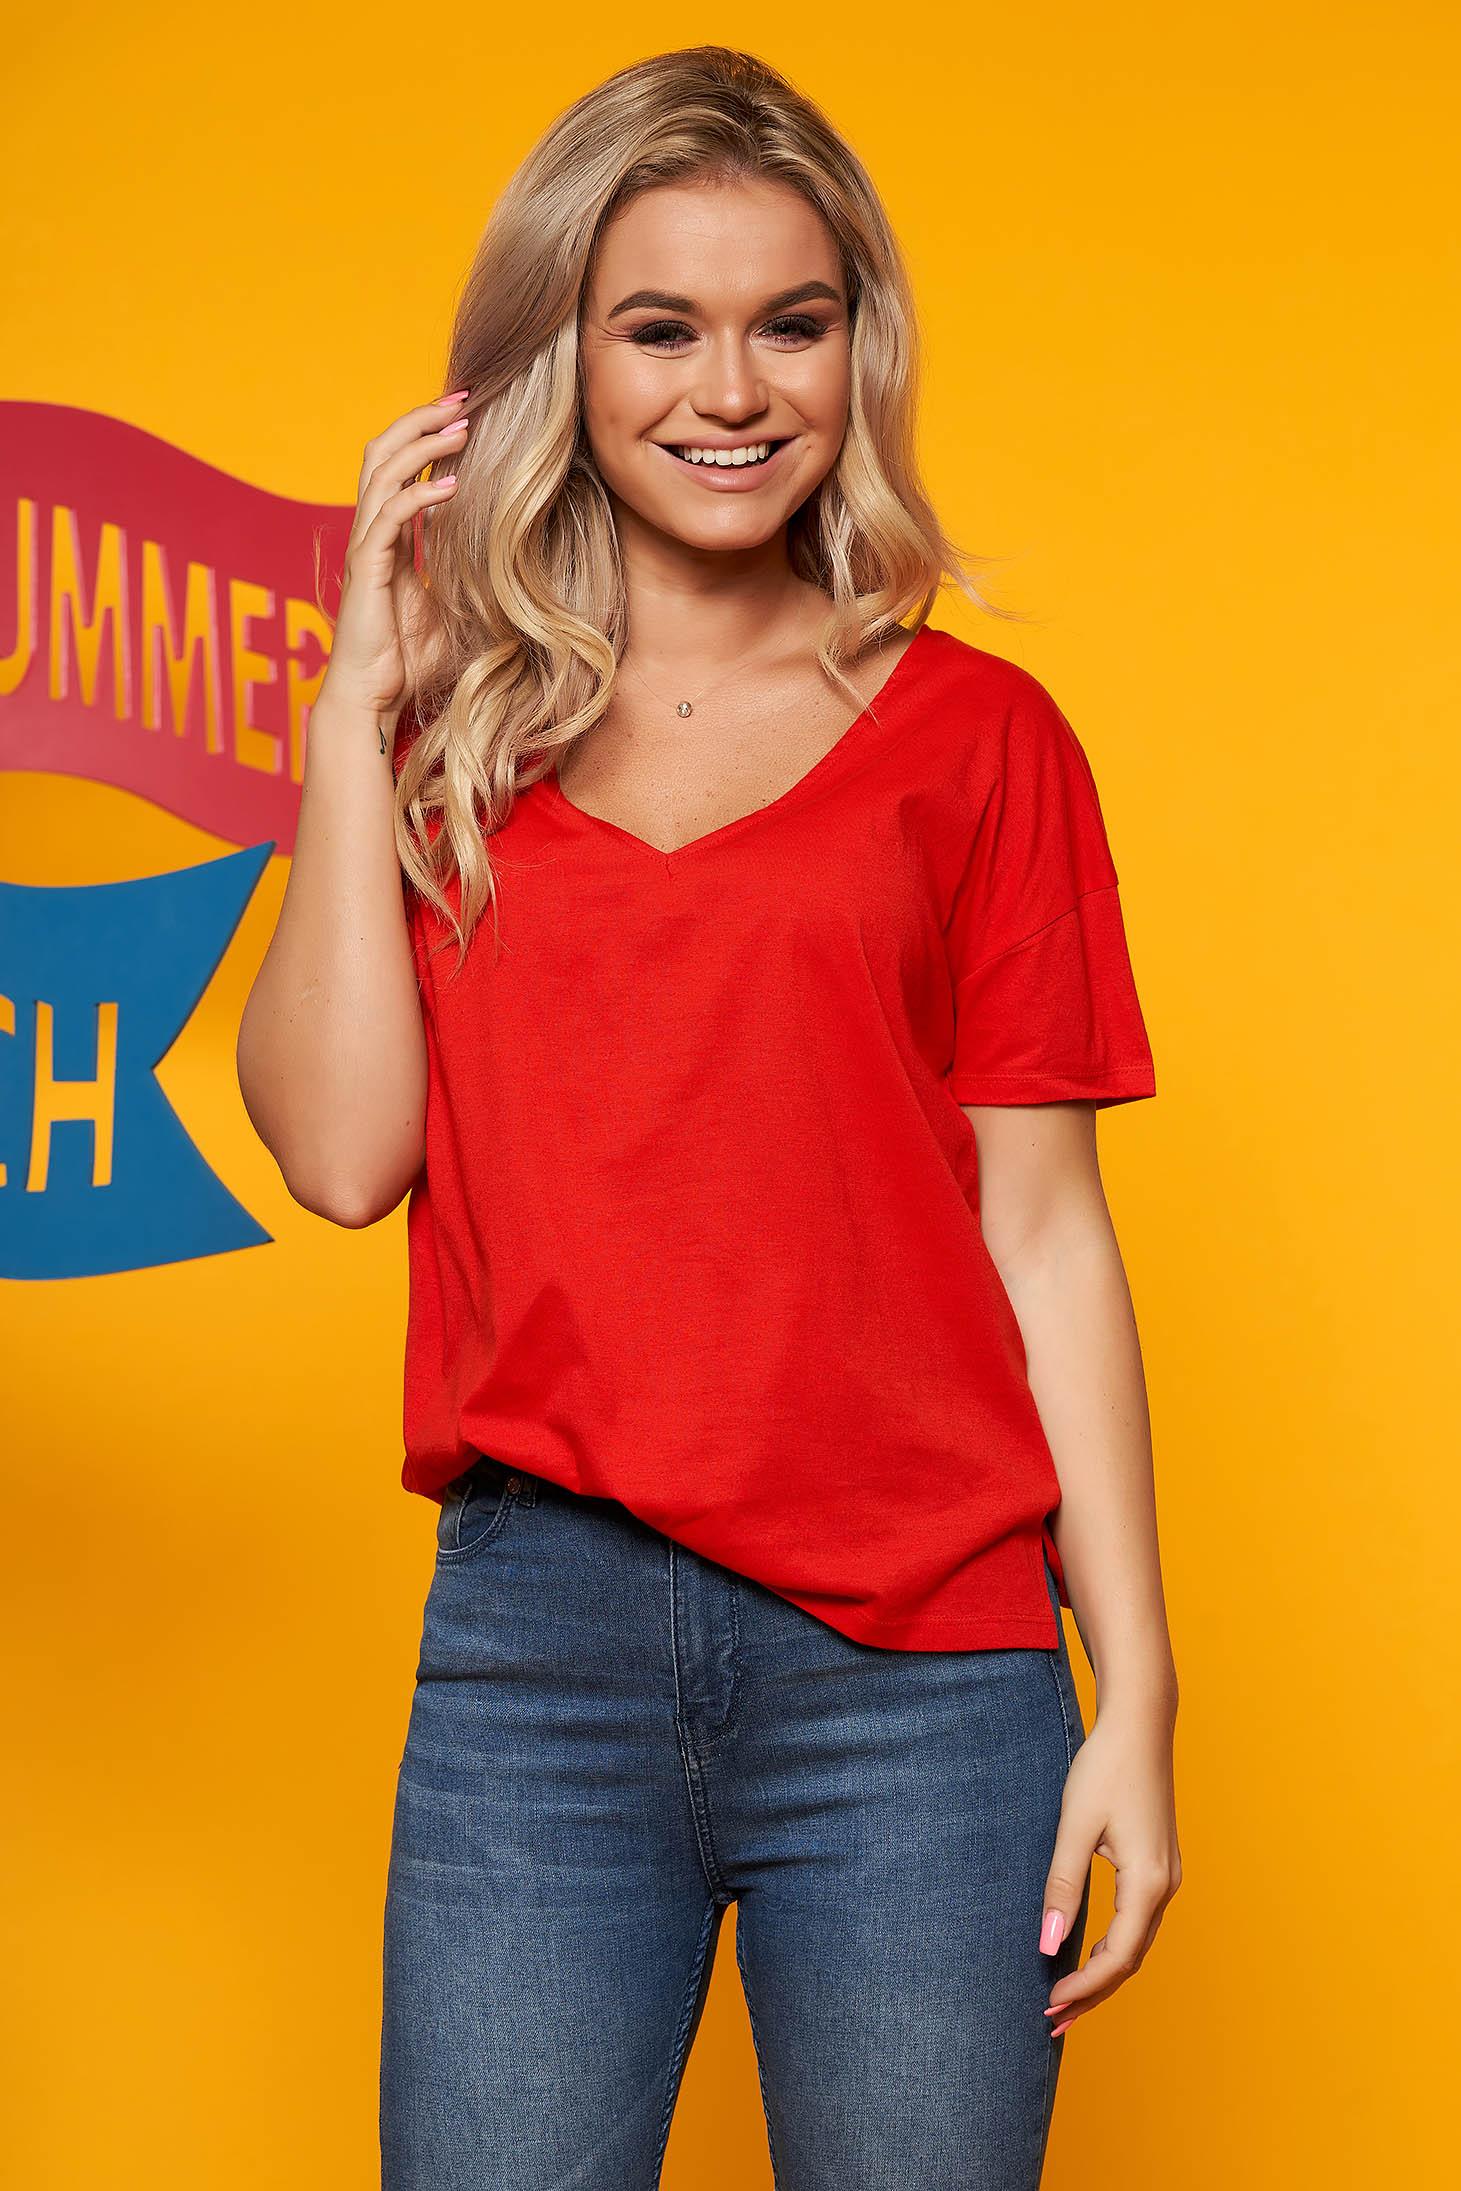 Piros Top Secret casual bő szabású póló rövid ujjakkal pamutból készült mellrésznél kivágott